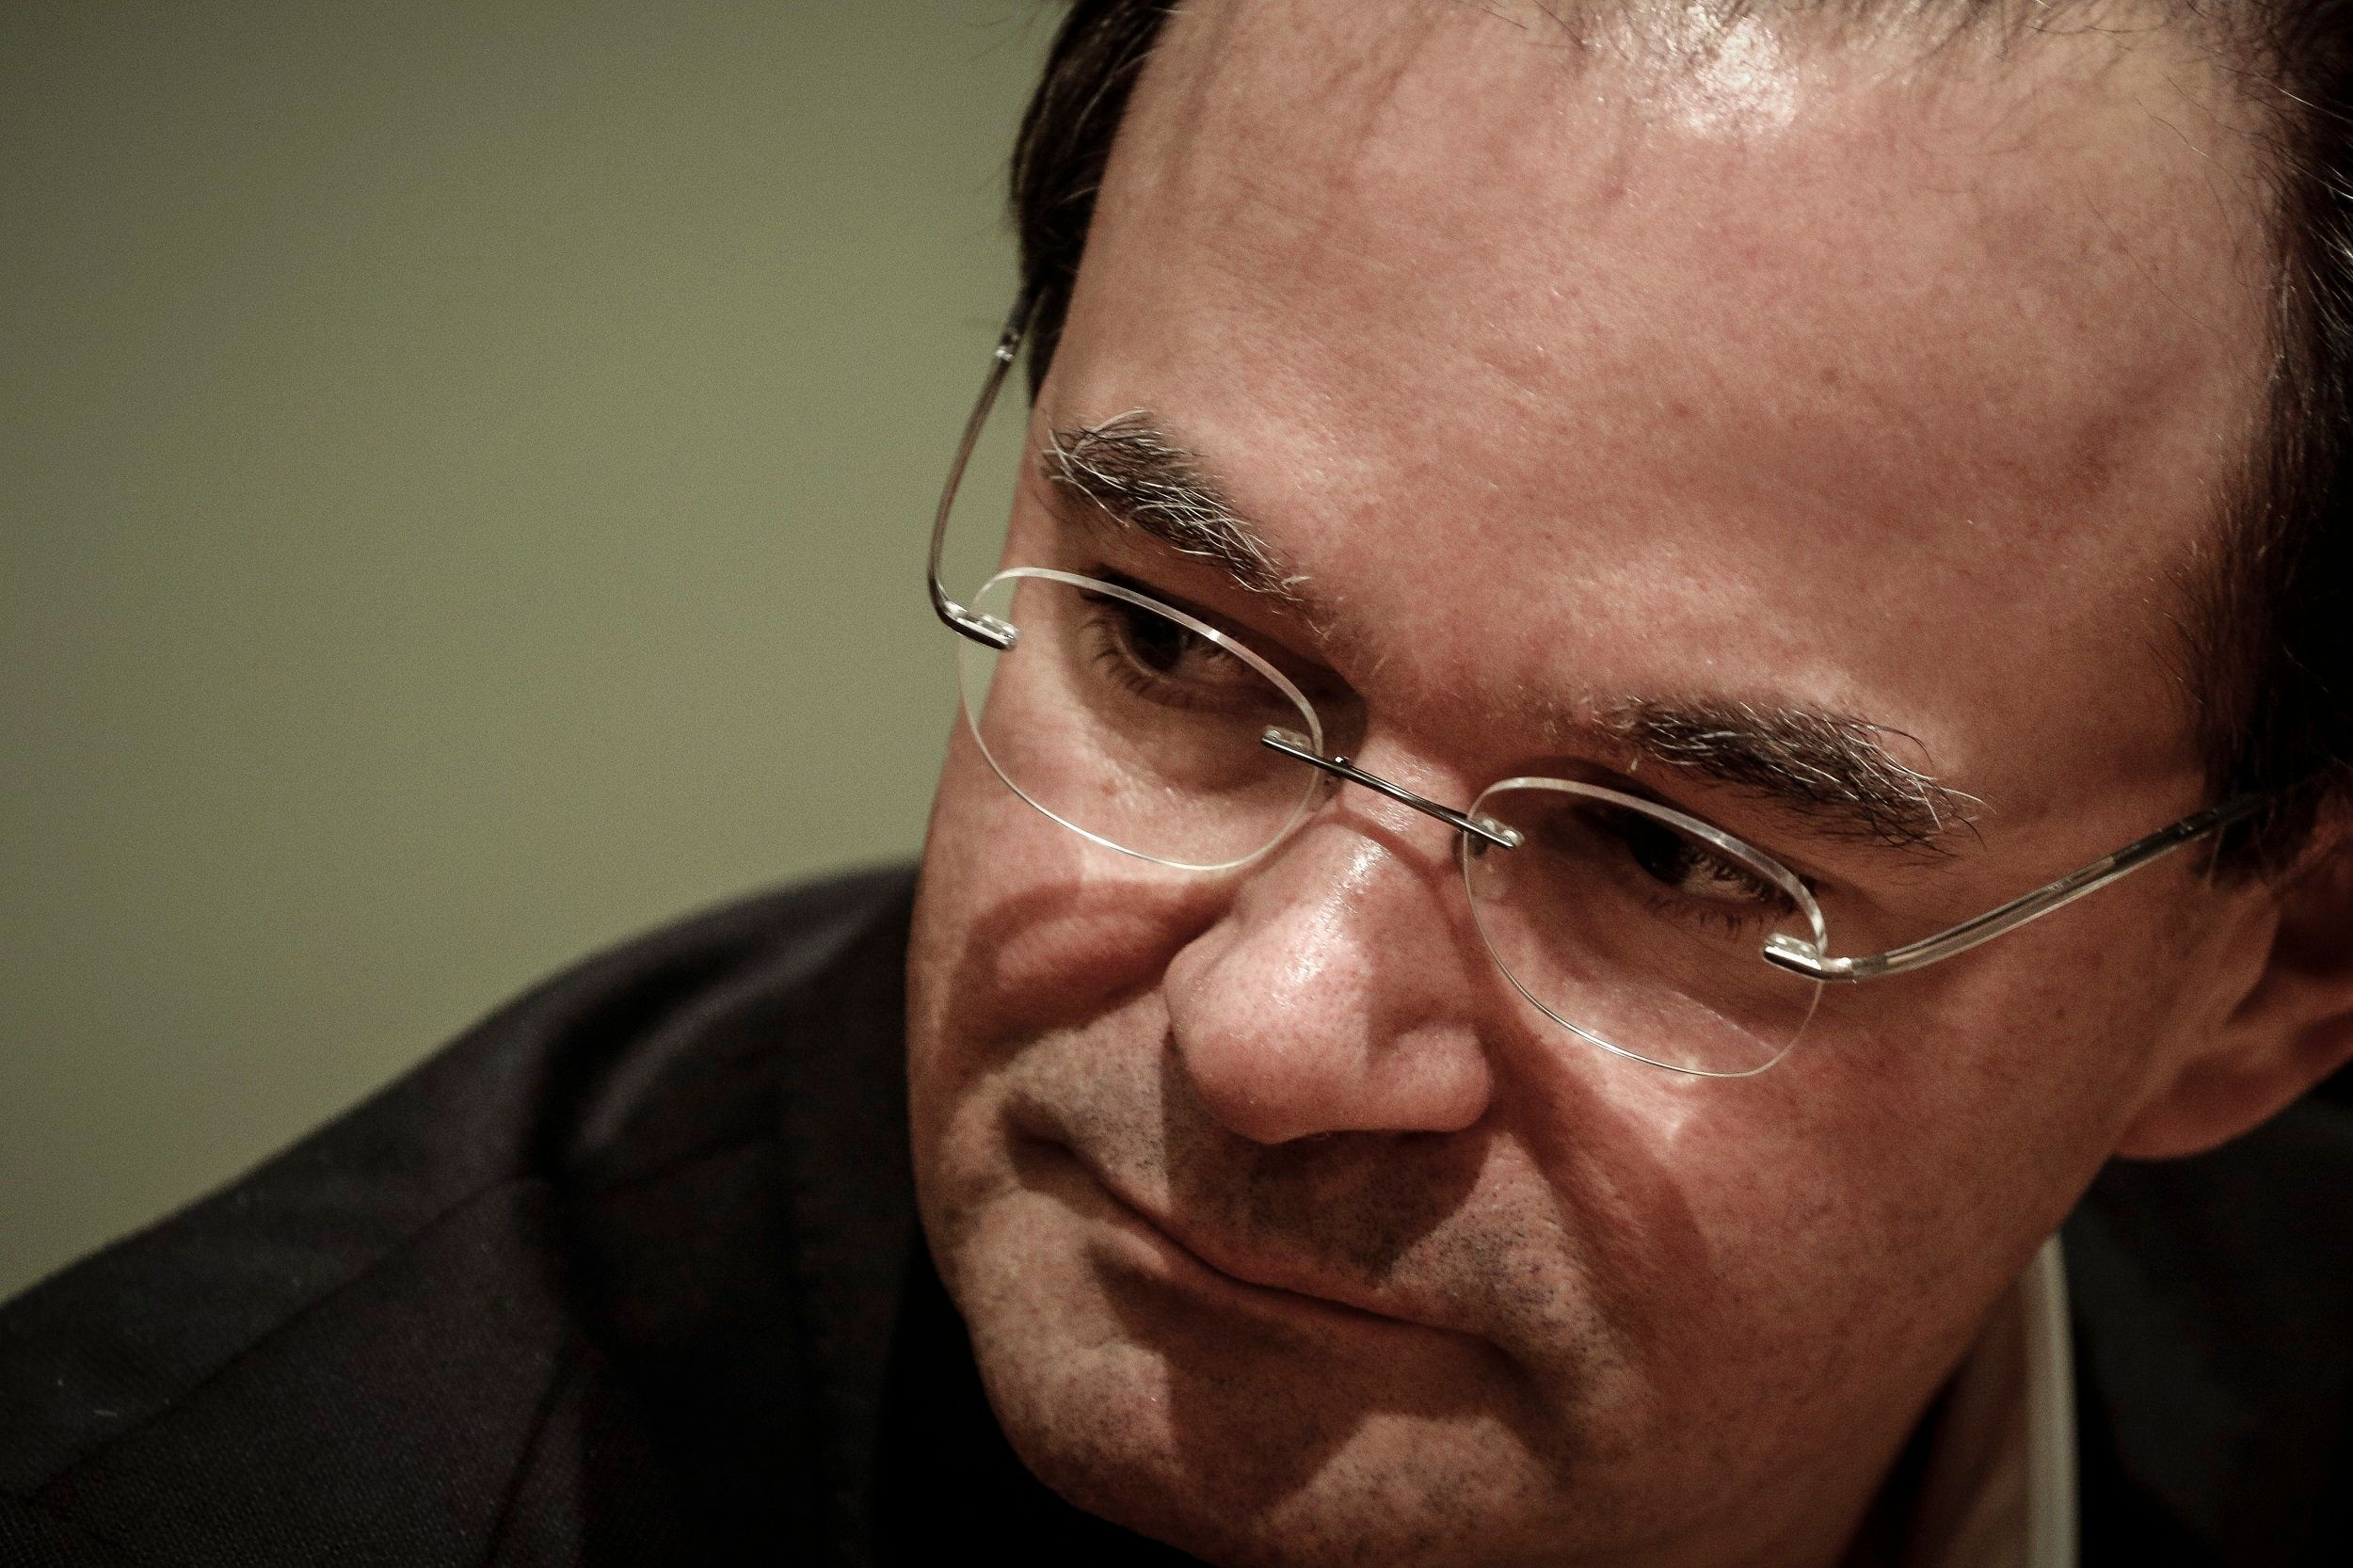 Γιώργος Παπακωνσταντίνου: Όλοι κάναμε λάθος. Και εμείς και οι